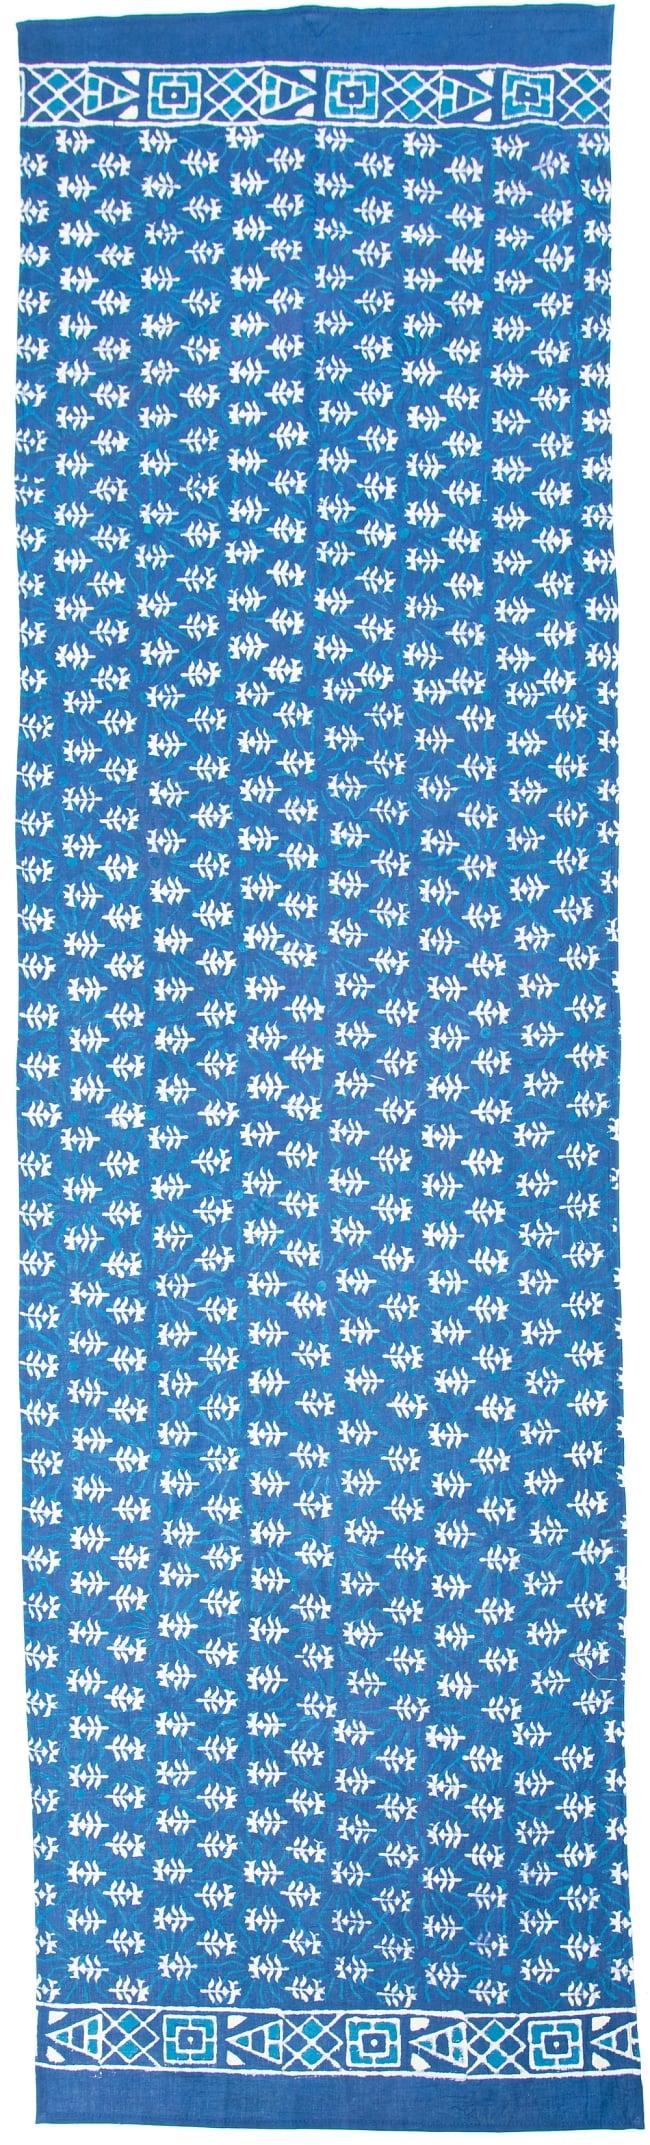 ウッドブロックプリントのコットンスカーフ 4 - 全体図です。